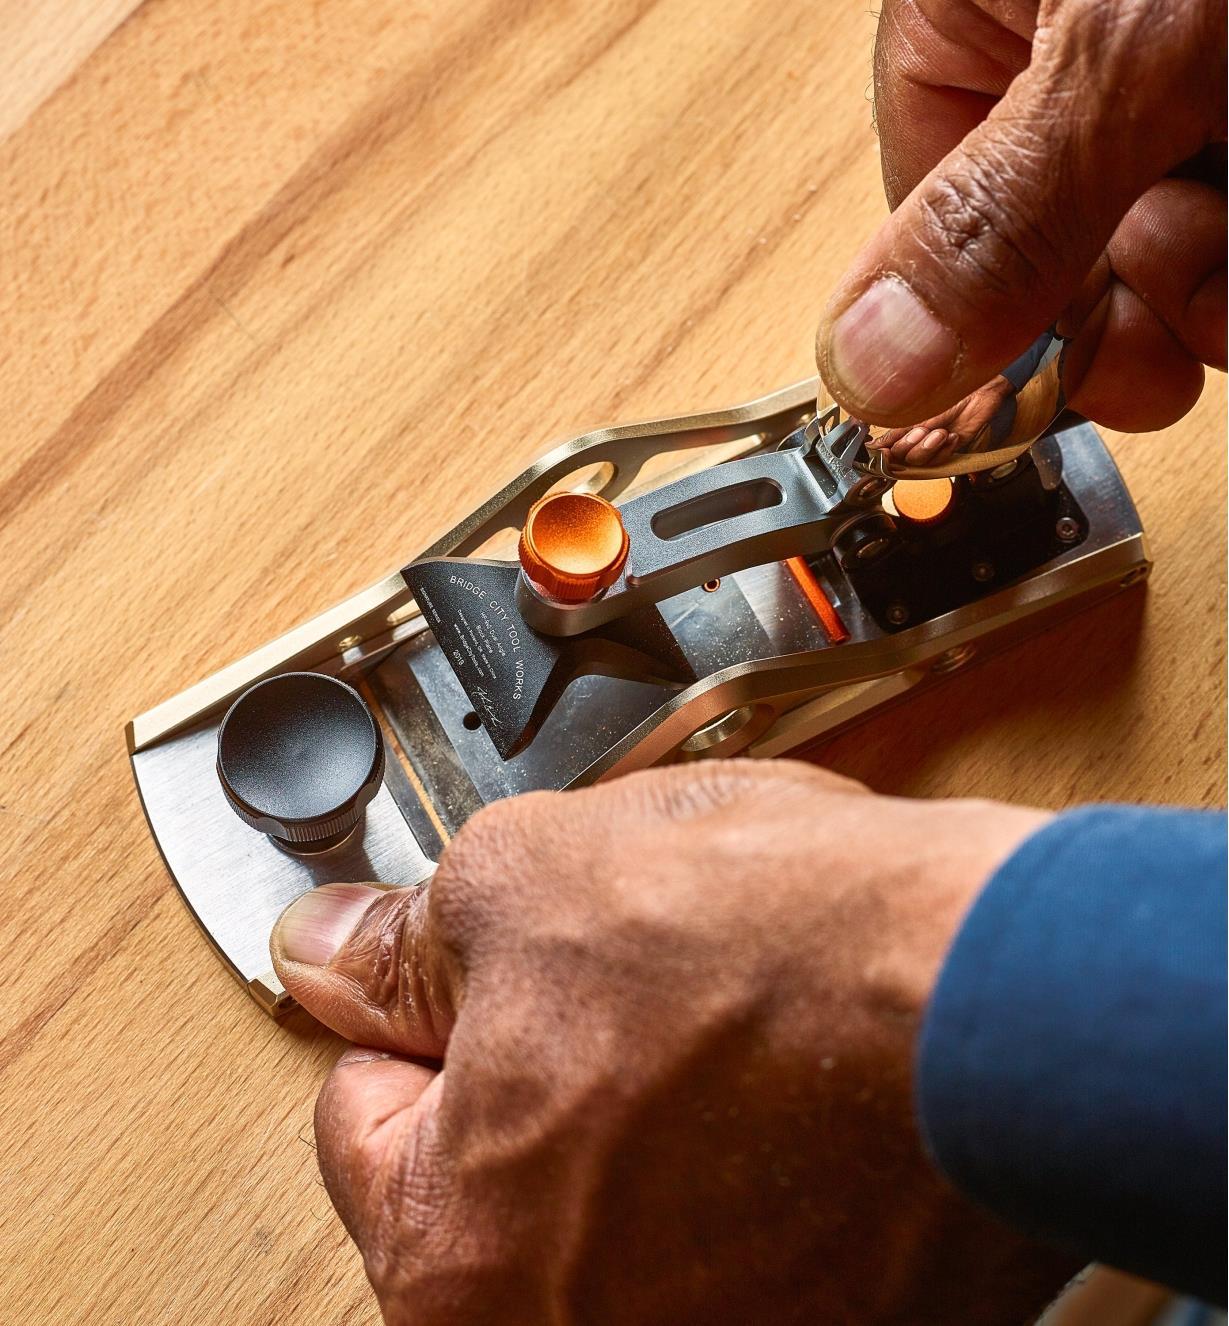 Personne relevant le levier du mécanisme de blocage pour changer la lame d'un rabot de coupe à double tranchant